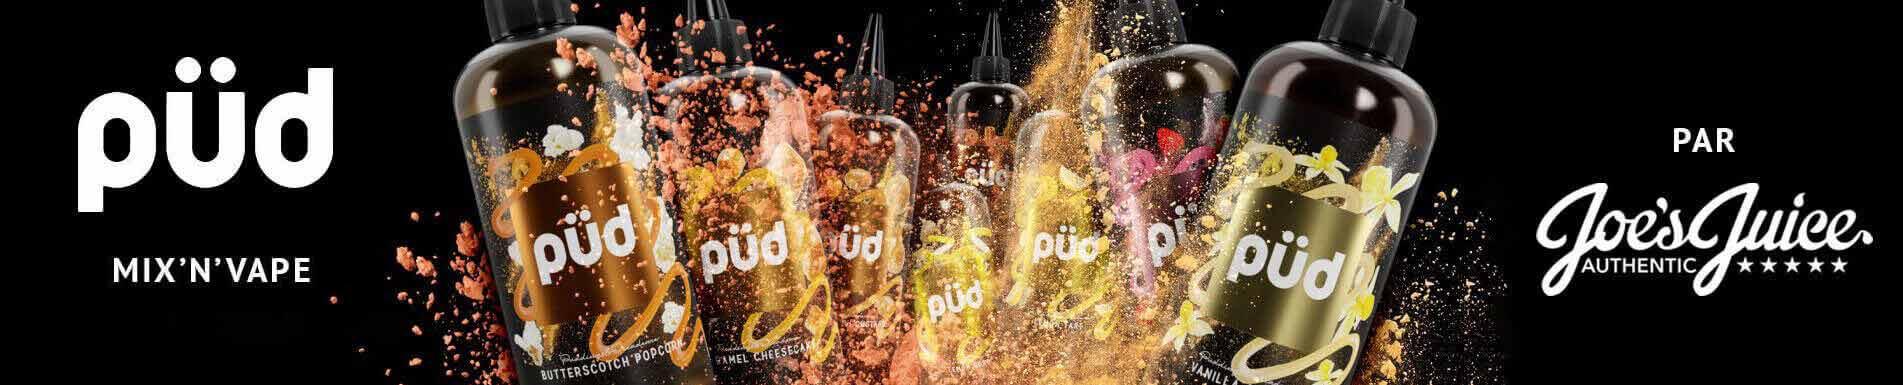 E-liquide Püd Mix'n'Vape par Joe's Juice